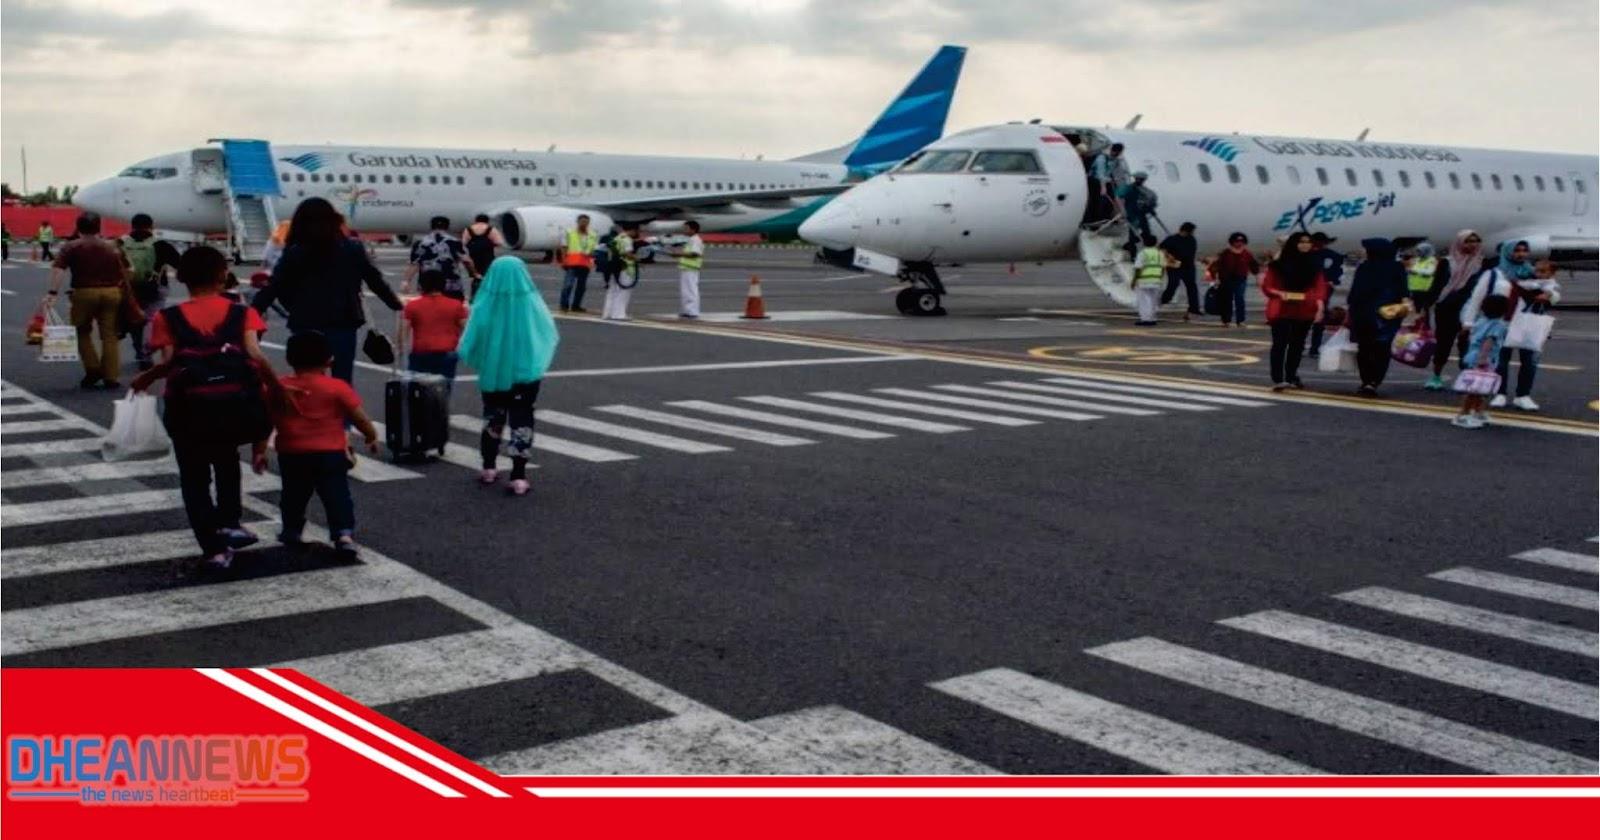 Berlaku Mulai Besok Tarif Tiket Pesawat Turun Dhean News